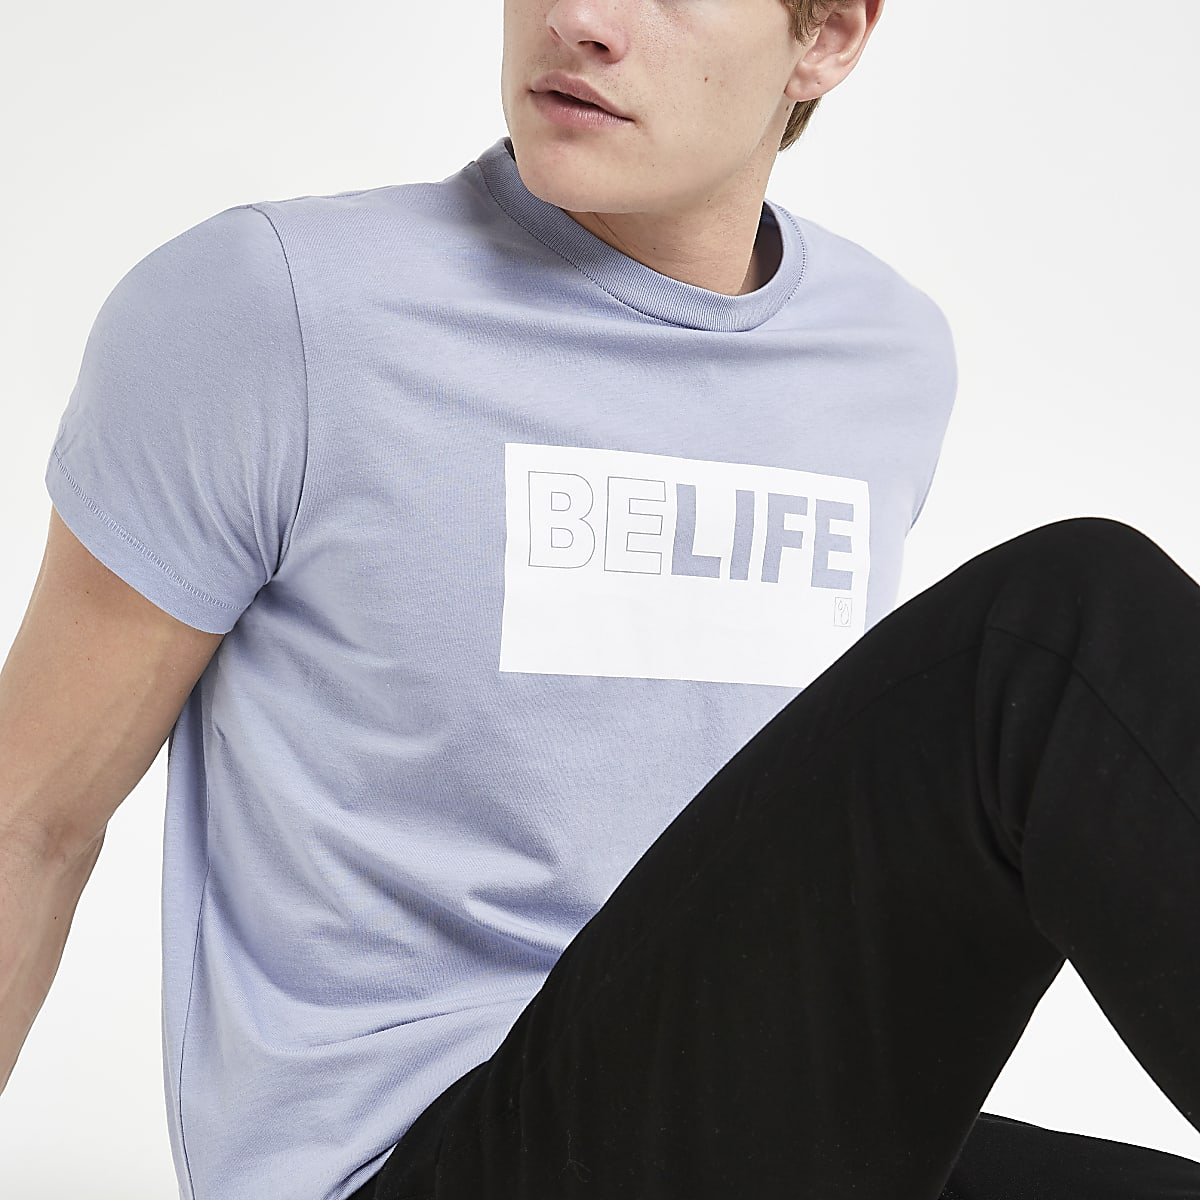 Pepe Jeans – T-shirt «Belife» bleu